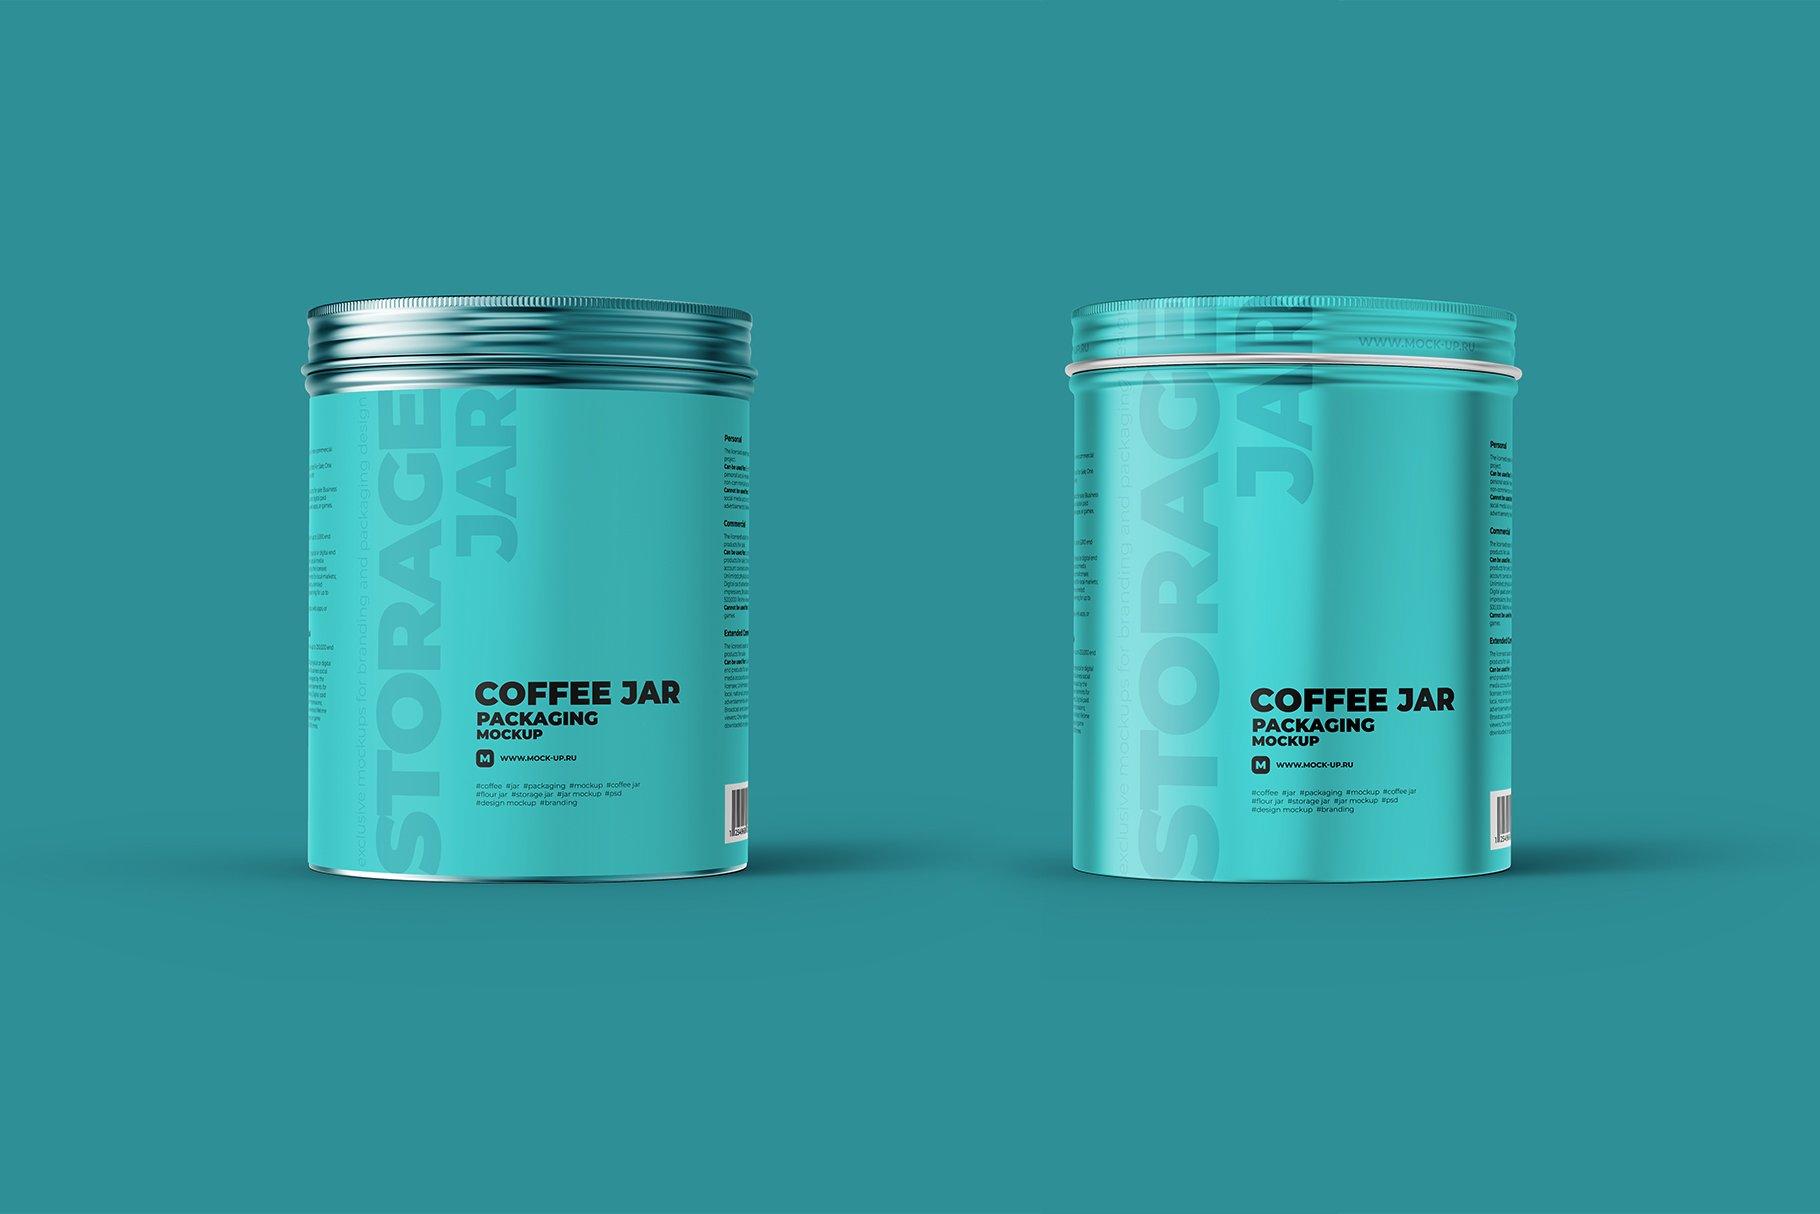 前视图食品茶叶金属罐设计展示PSD样机模板 Metallic Storage Closed Jar Front插图7